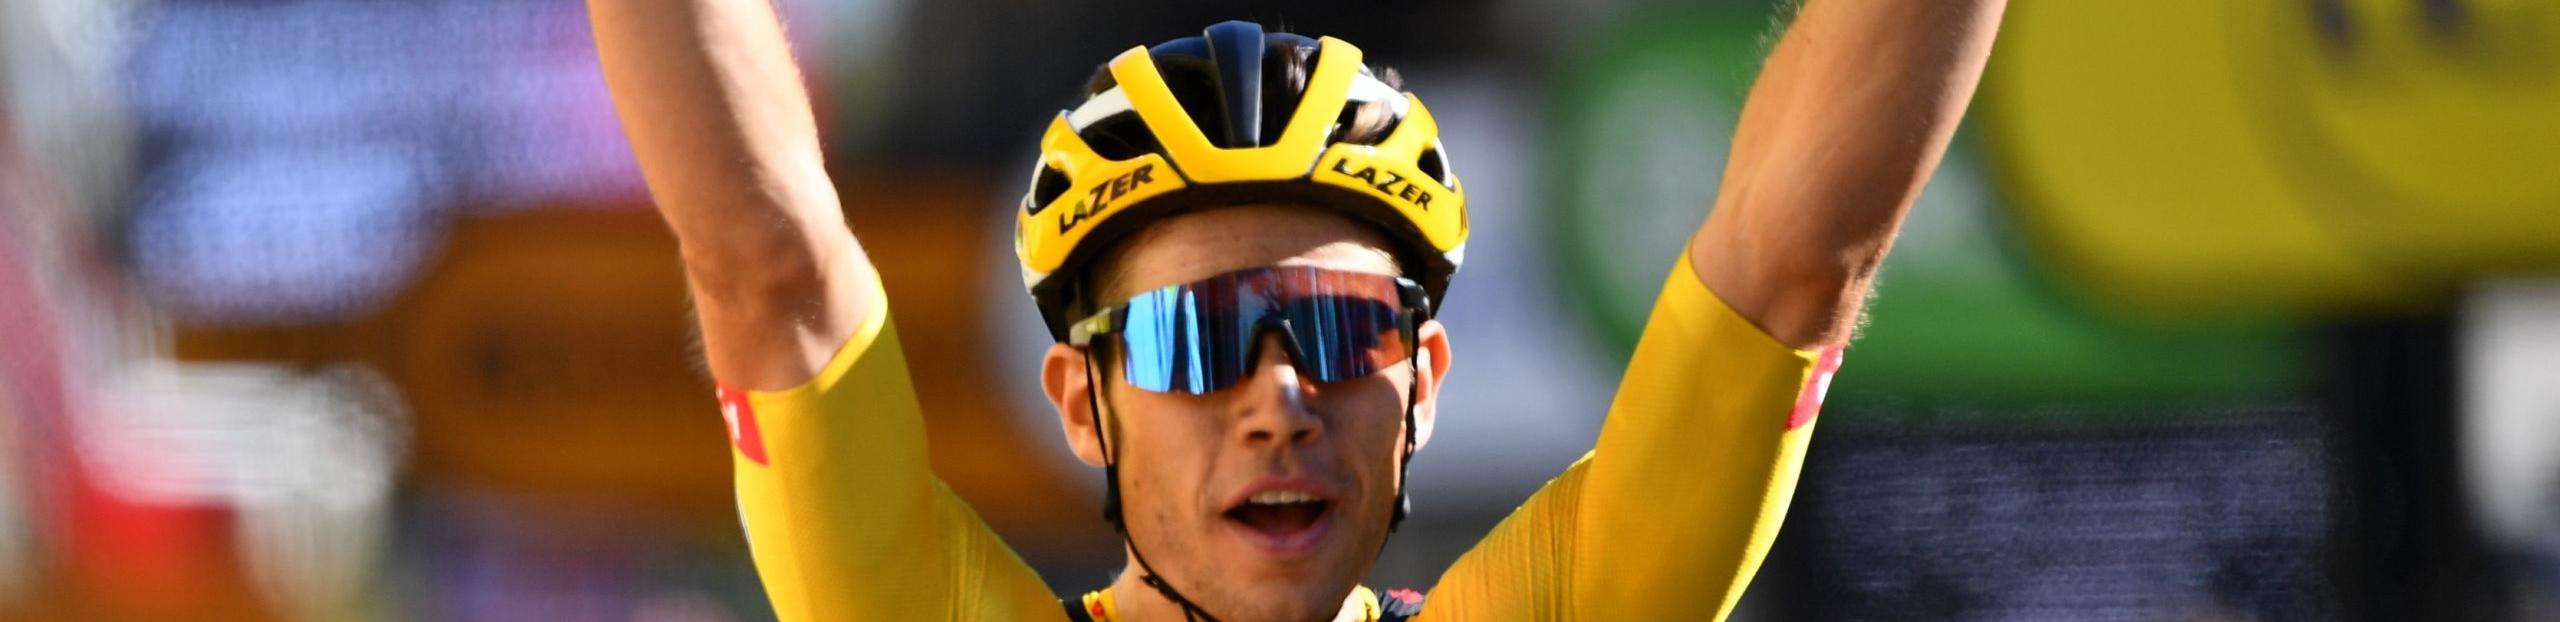 Tour de France 2020, quote e favoriti per la tappa 8: ecco i Pirenei